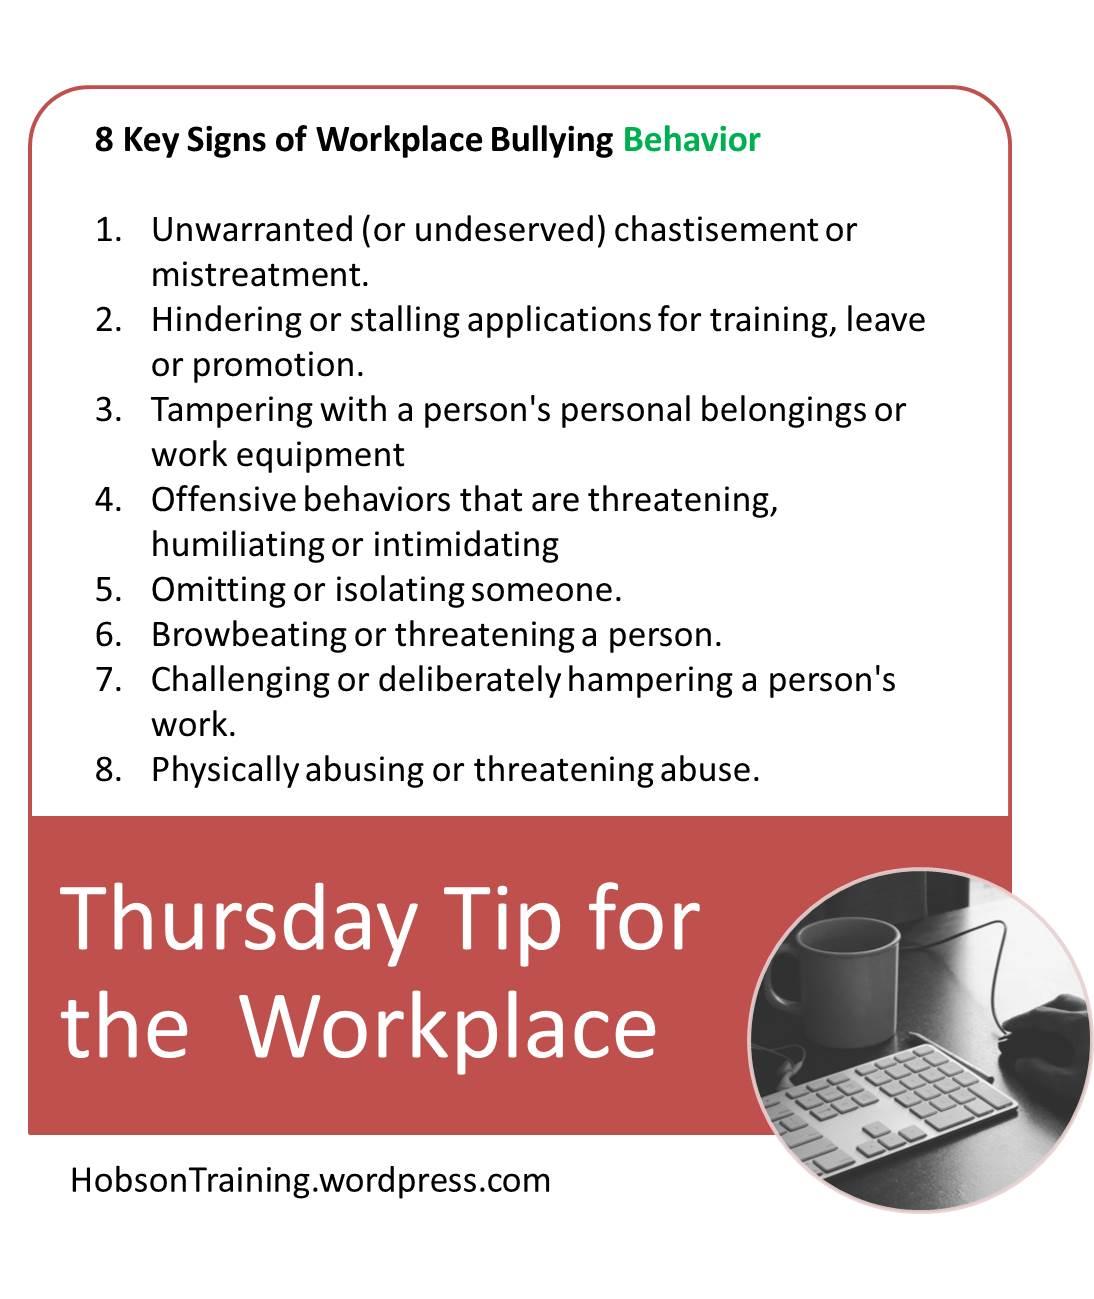 BPost - Thursday Tip 07-16-15 Bullying